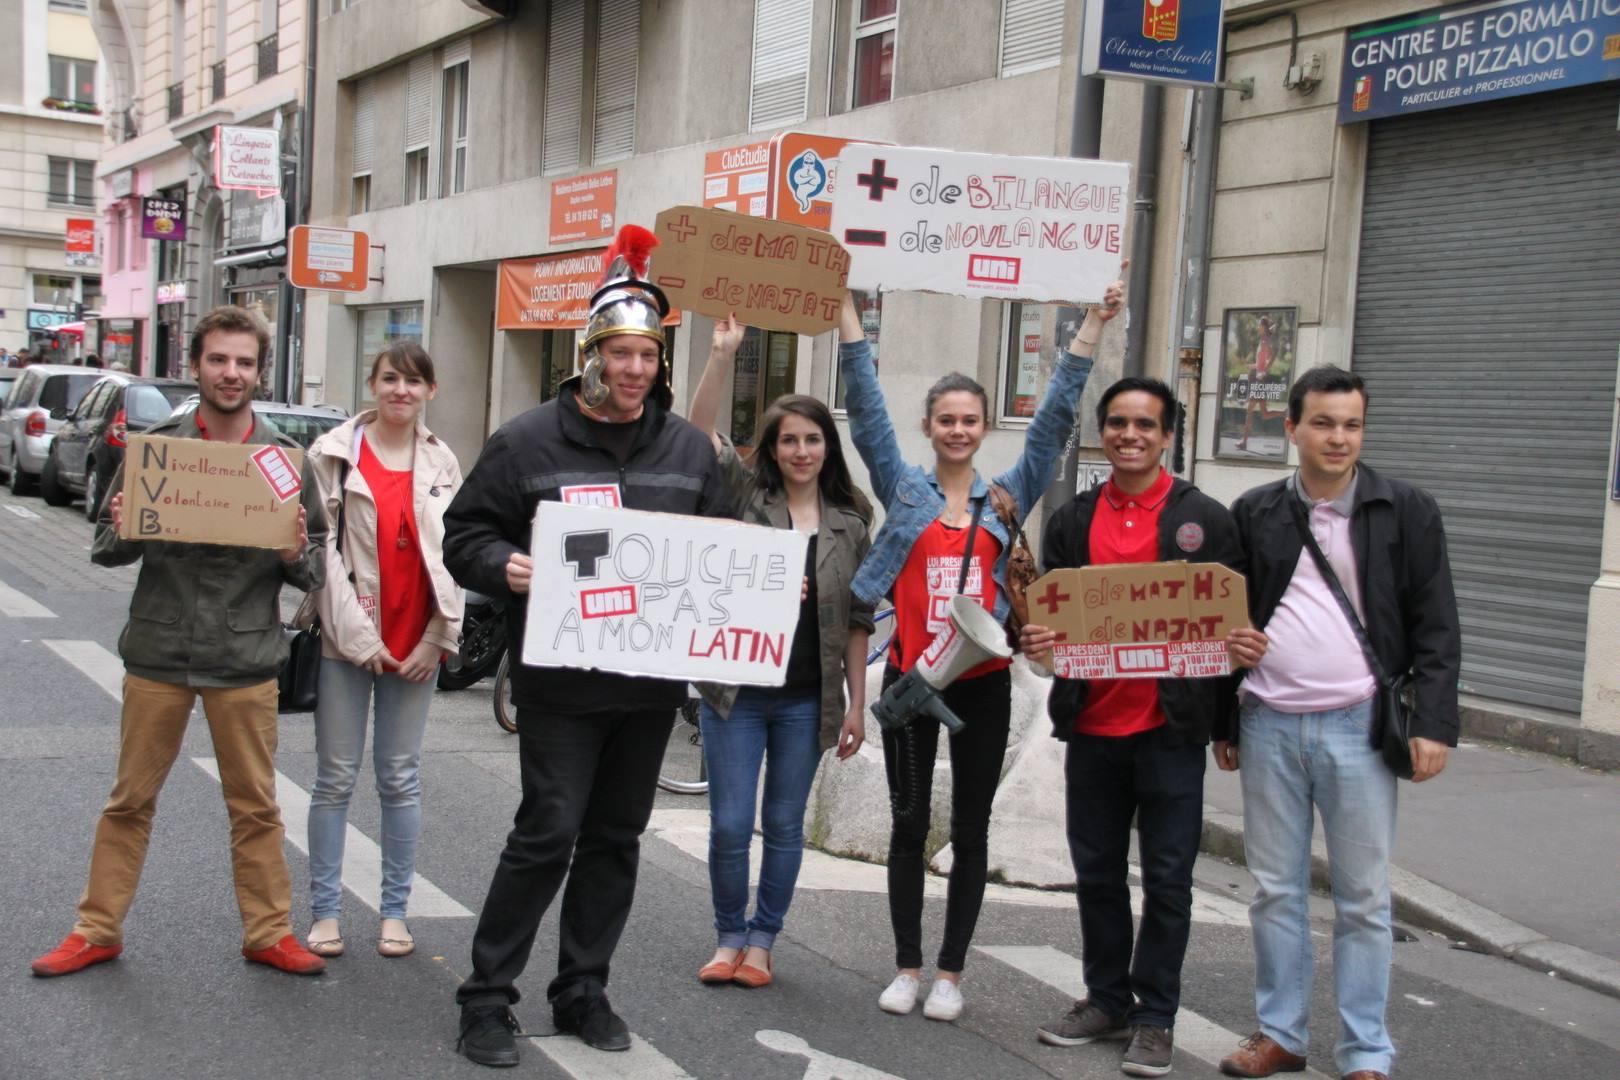 Collégiens, lycéens et étudiants se sont également joints au mouvement - LyonMag